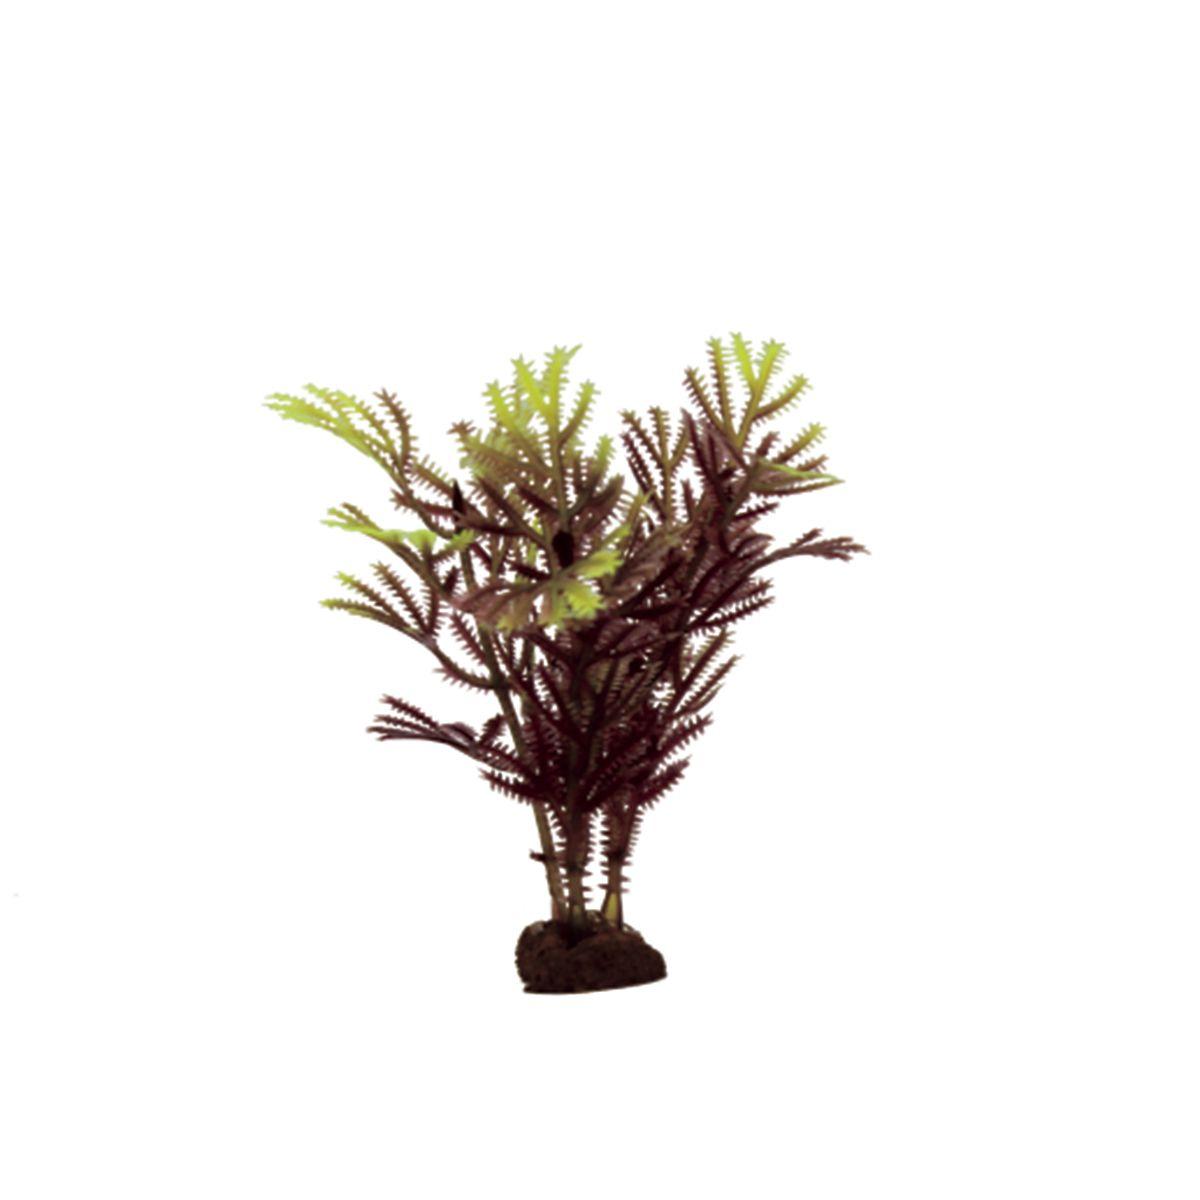 Растение для аквариума ArtUniq Хоттиния коричнево-желтая, высота 10 см, 6 штART-1170524Растение для аквариума ArtUniq Хоттиния коричнево-желтая, высота 10 см, 6 шт